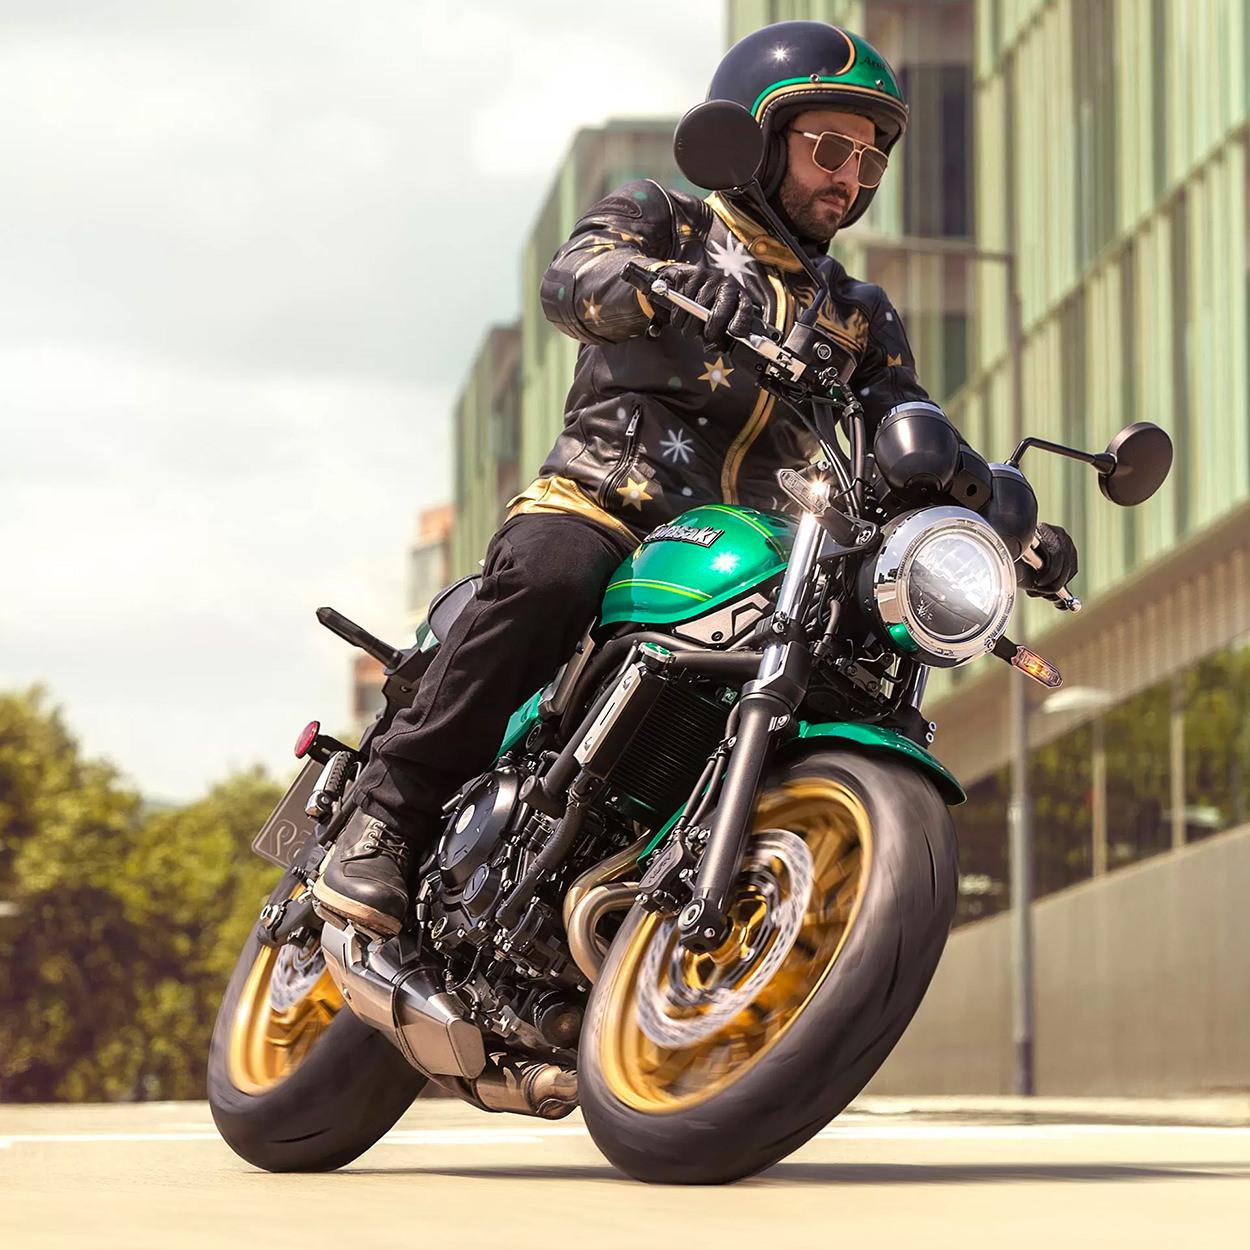 The new Kawasaki Z650RS